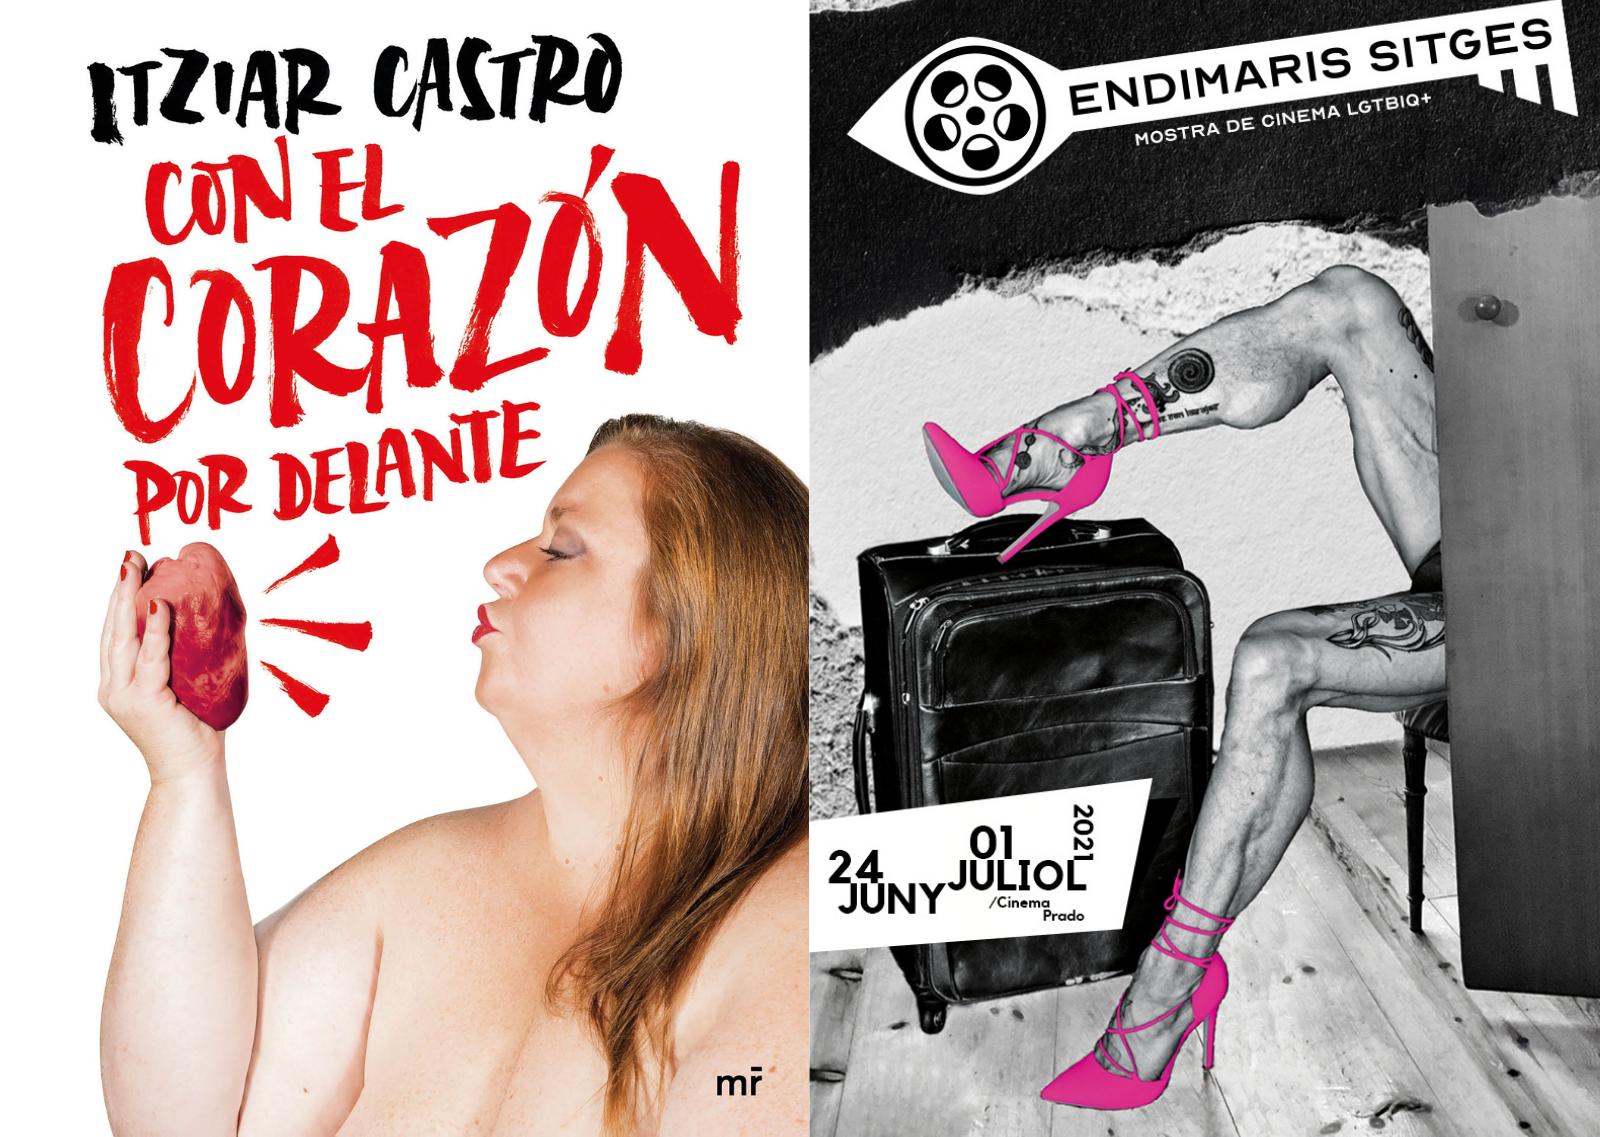 Itziar Castro (Vis a Vis) en Sitges para la muestra Endimaris y firmar libros